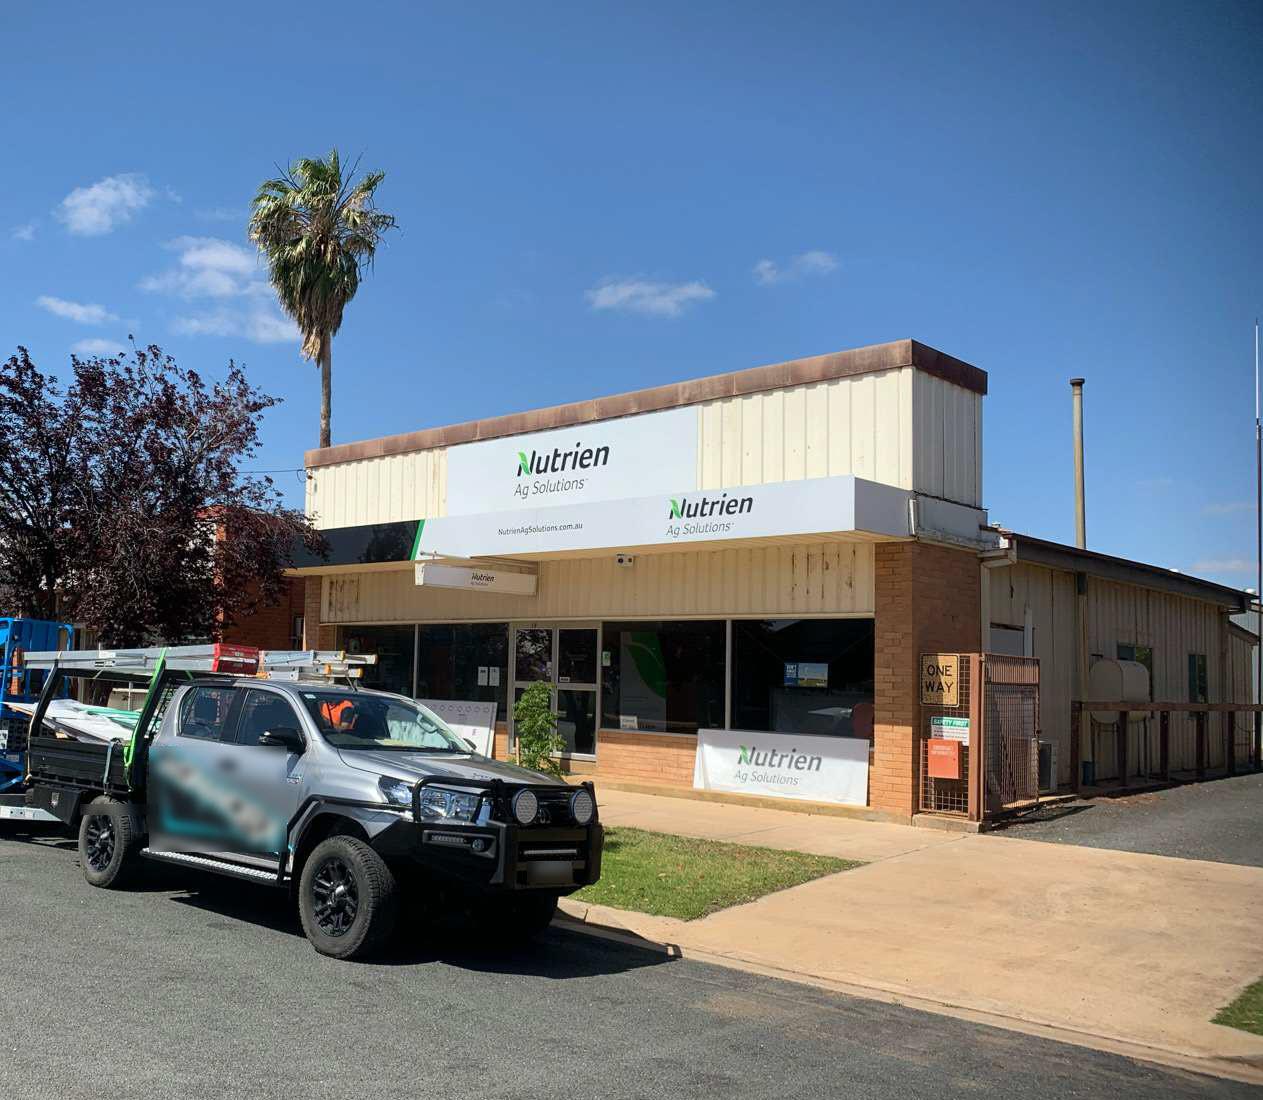 Nutrien Ag Solutions - Urana, NSW 2645 - (02) 6920 8570 | ShowMeLocal.com